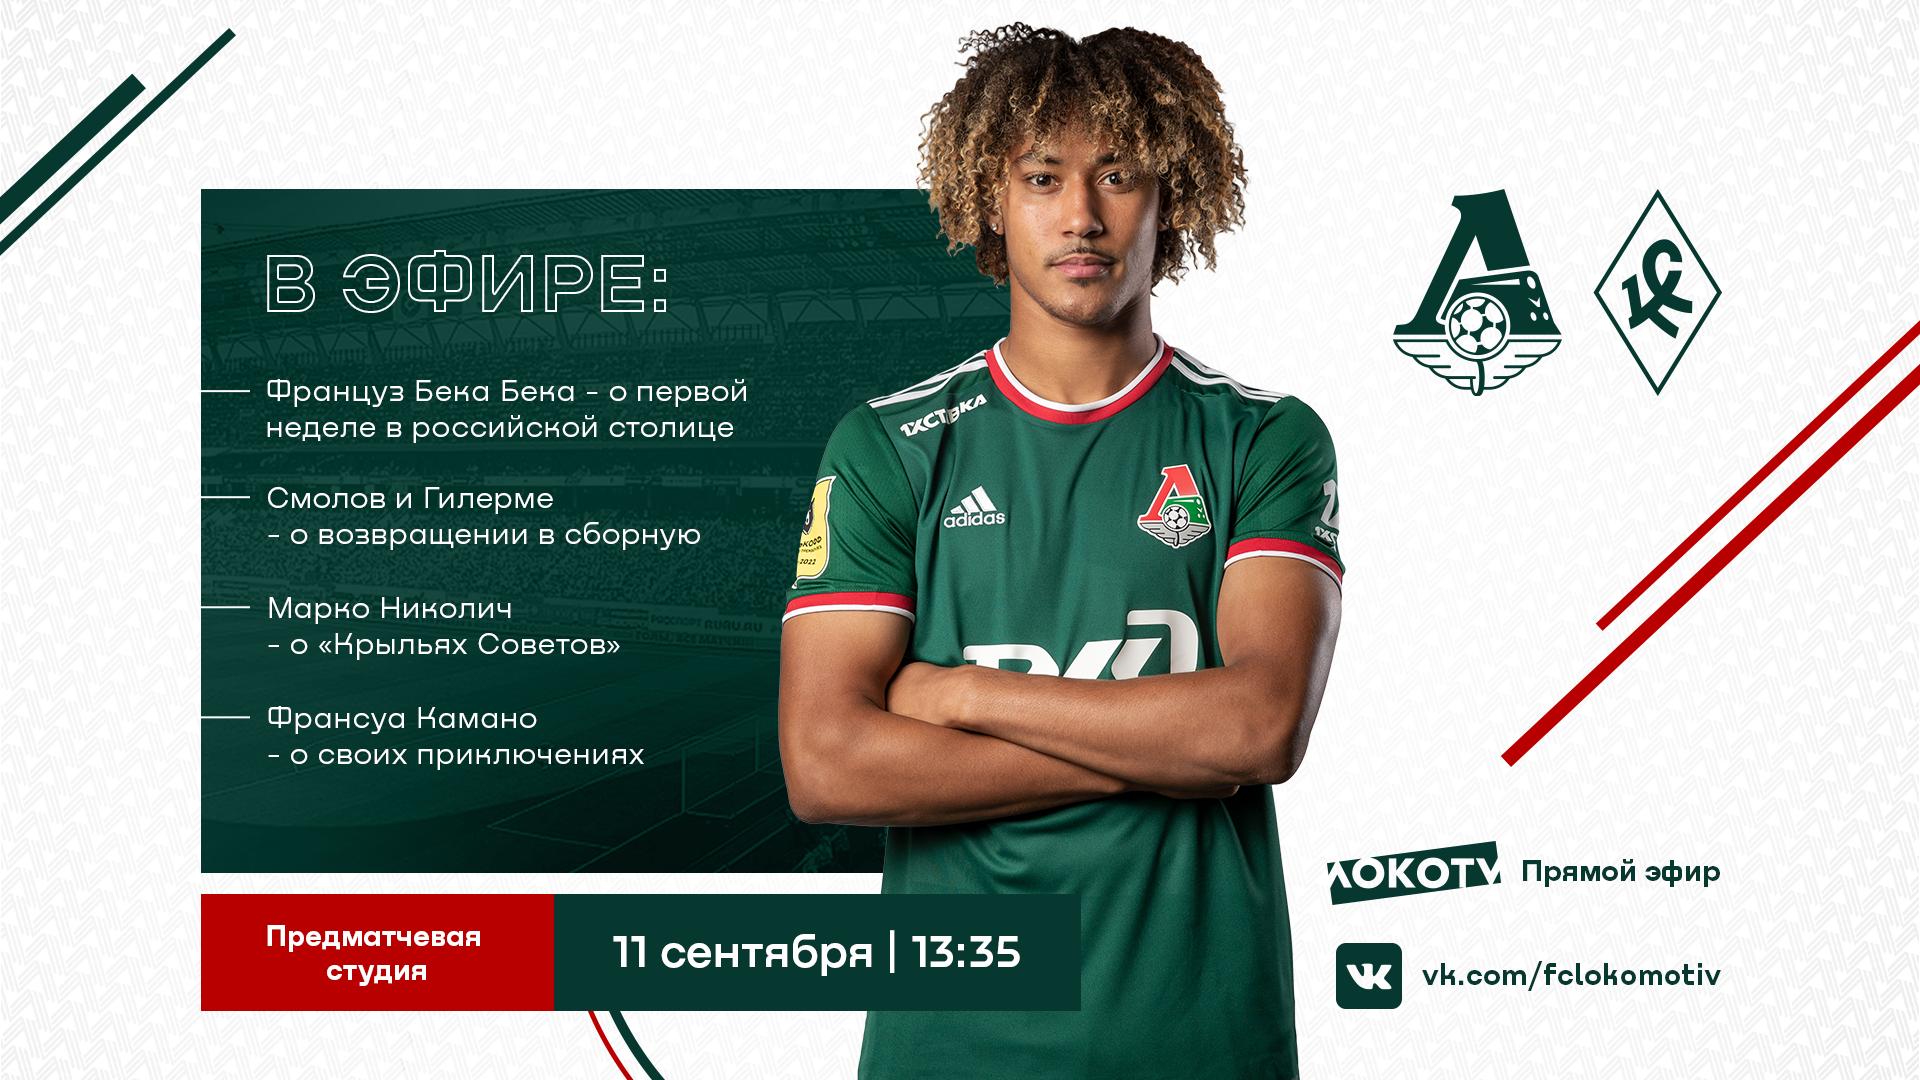 Студия LOKO TV на матче с «Крыльями Советов» // 11.09.2021